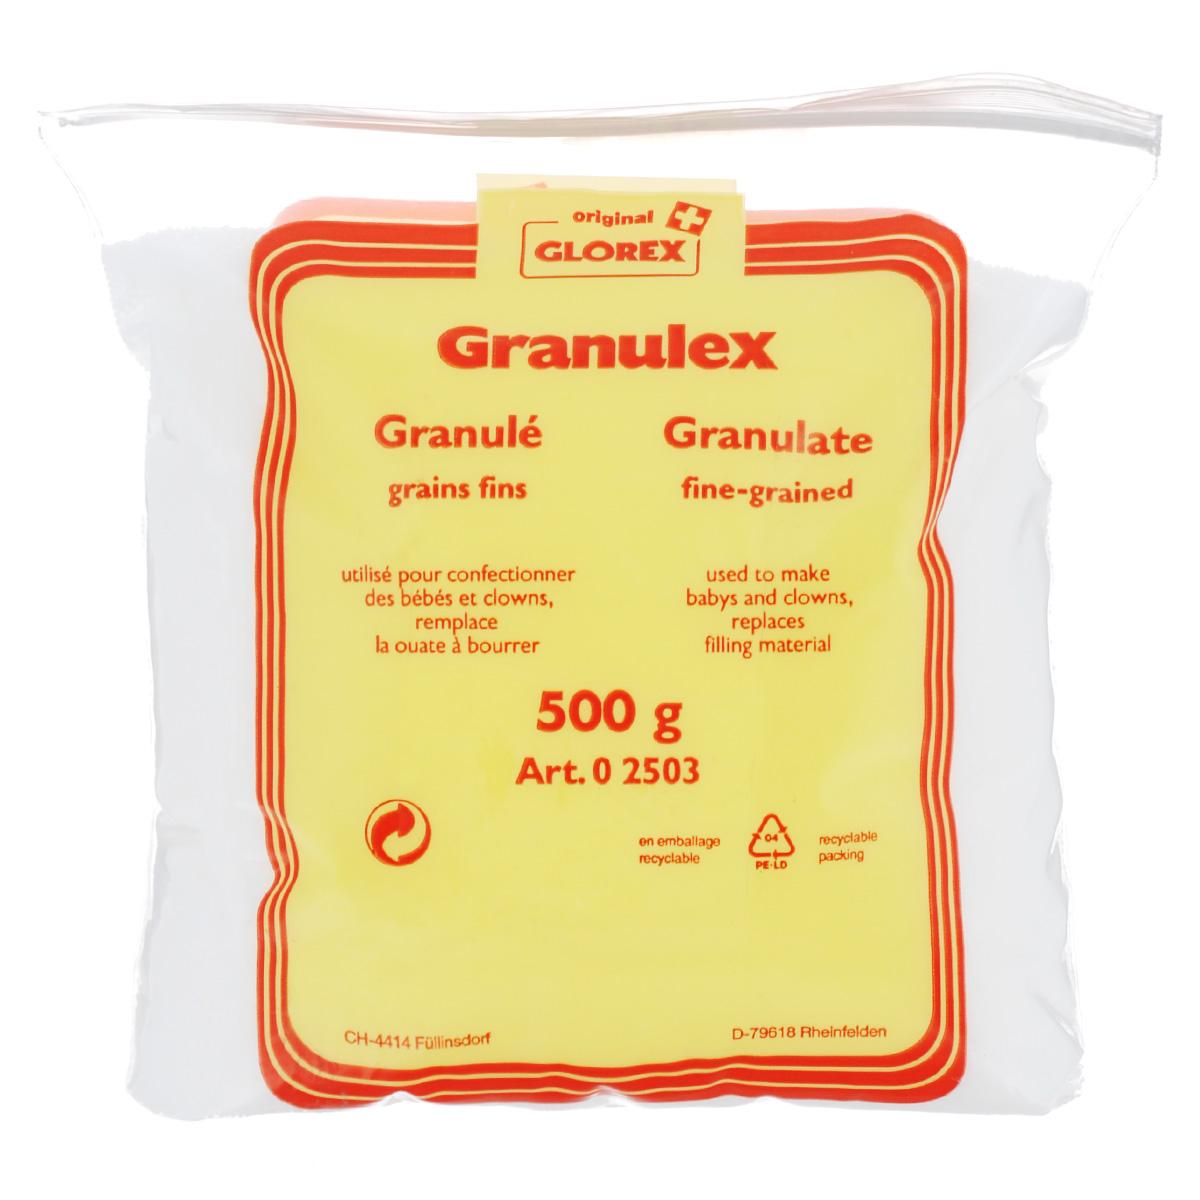 Наполнитель Glorex Granulex, мелкие гранулы, 500 г318440Наполнитель Glorex Granulex выполнен в виде мелких гранул и используется для набивки подушек, одеял и игрушек. Такой наполнитель прекрасно снимает стресс и волнение у взрослых, а у детишек развивает мелкую моторику.